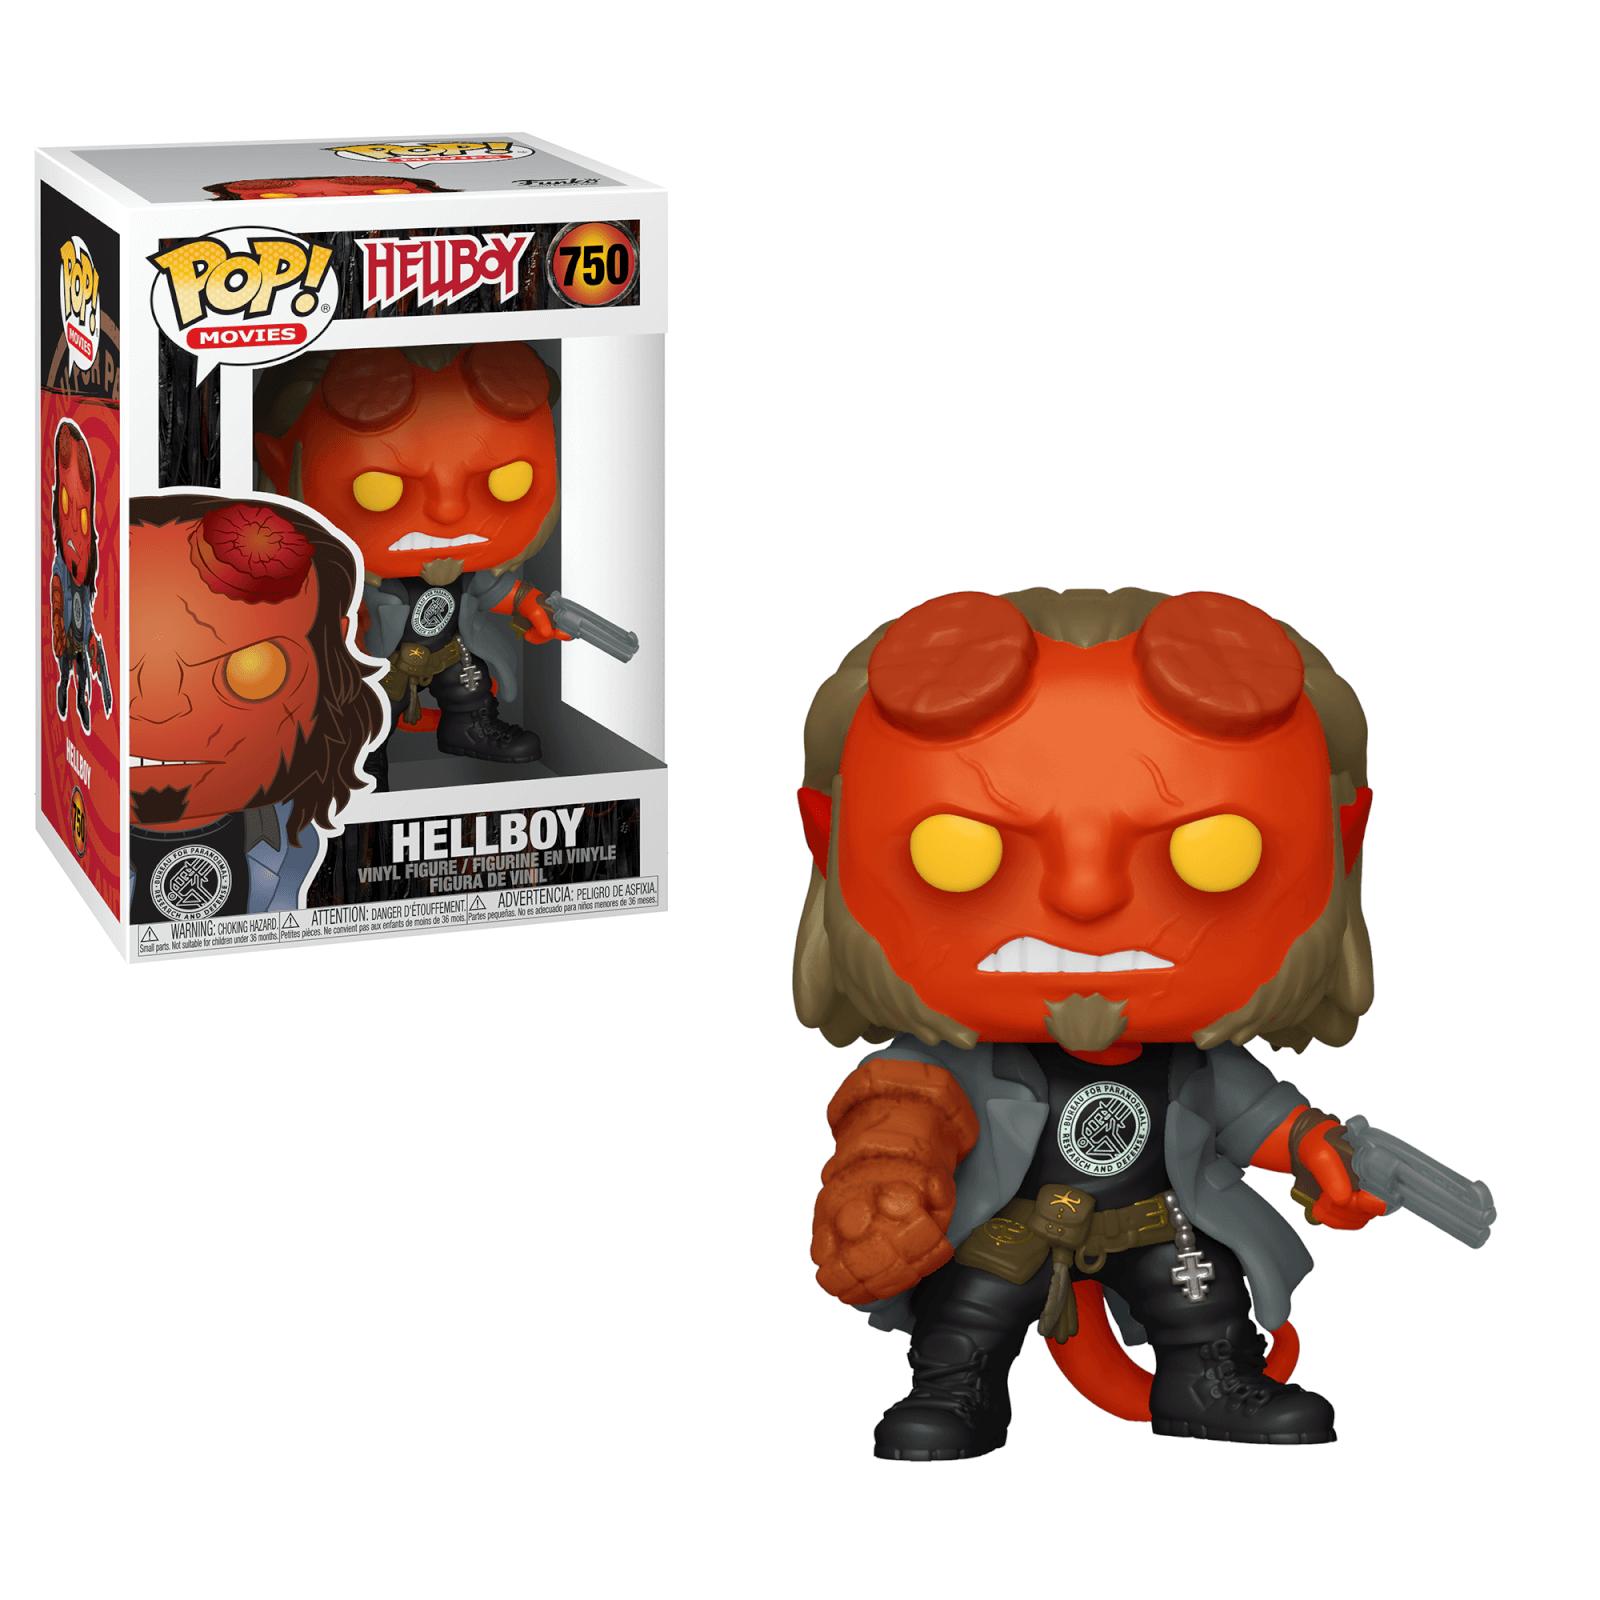 POP! Movies: Hellboy - Hellboy with BPRD Tee